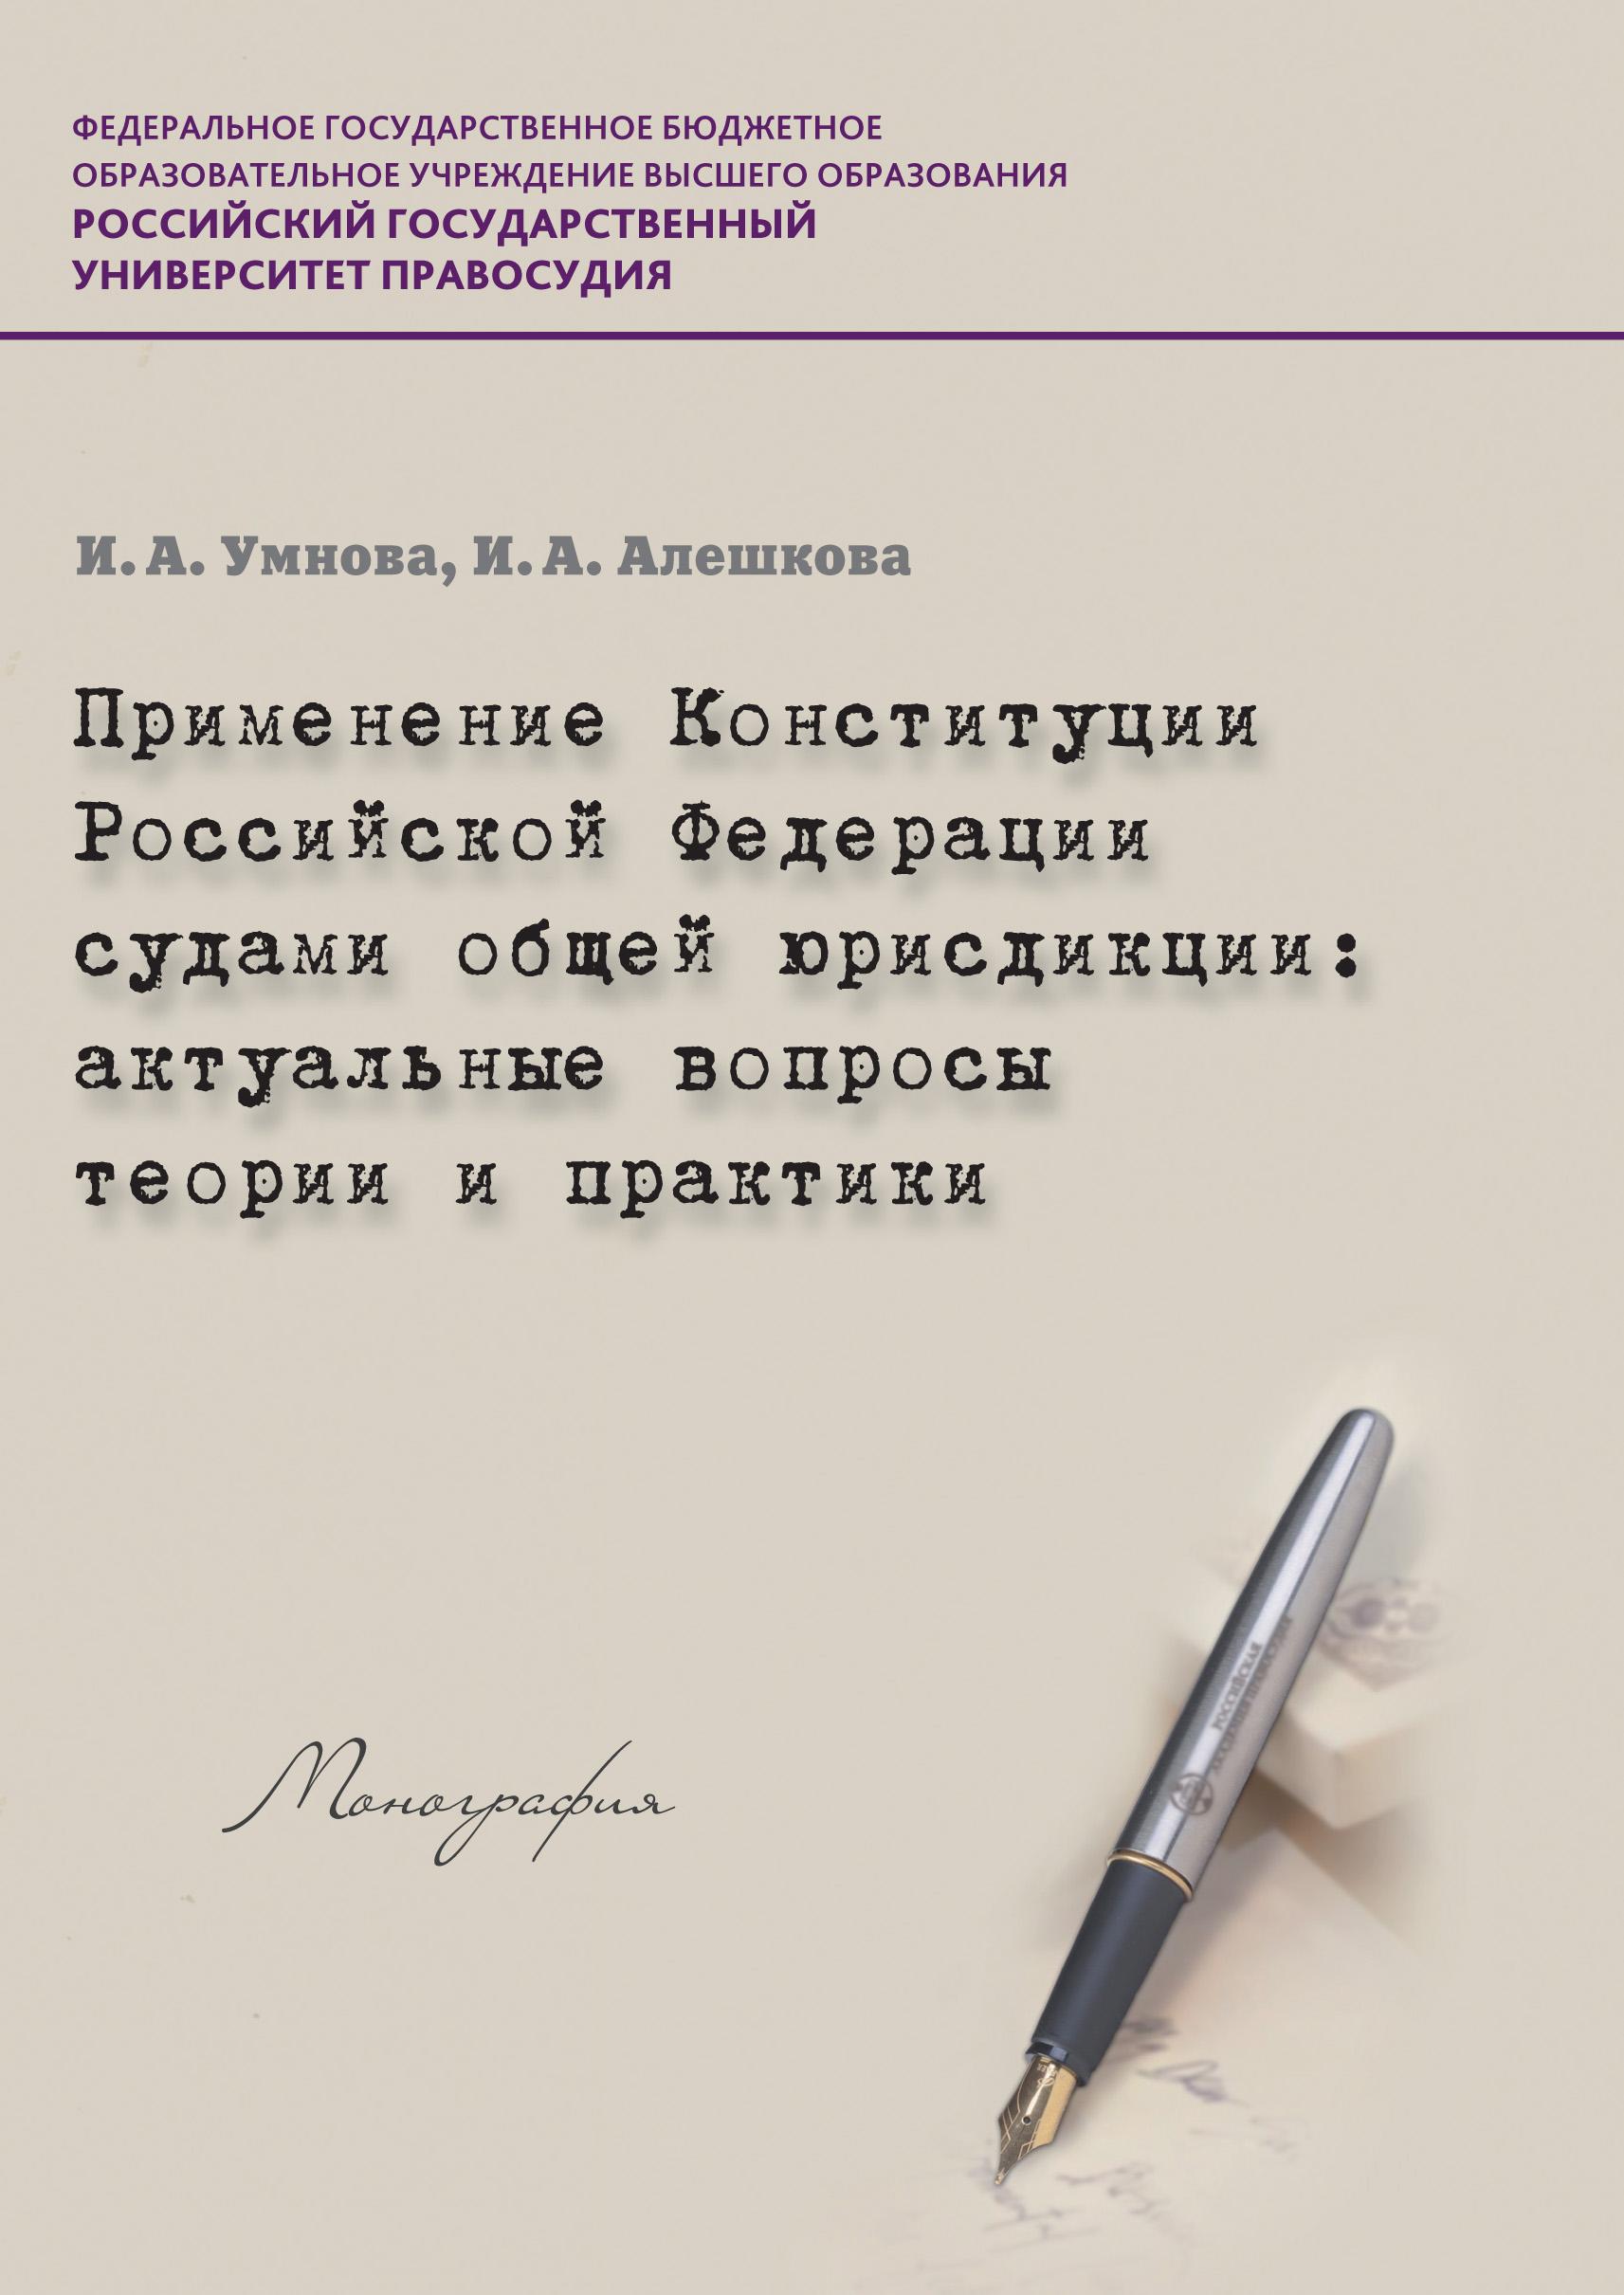 все цены на И. А. Алешкова Применение Конституции РФ судами общей юрисдикции. Актуальные вопросы теории и практики онлайн